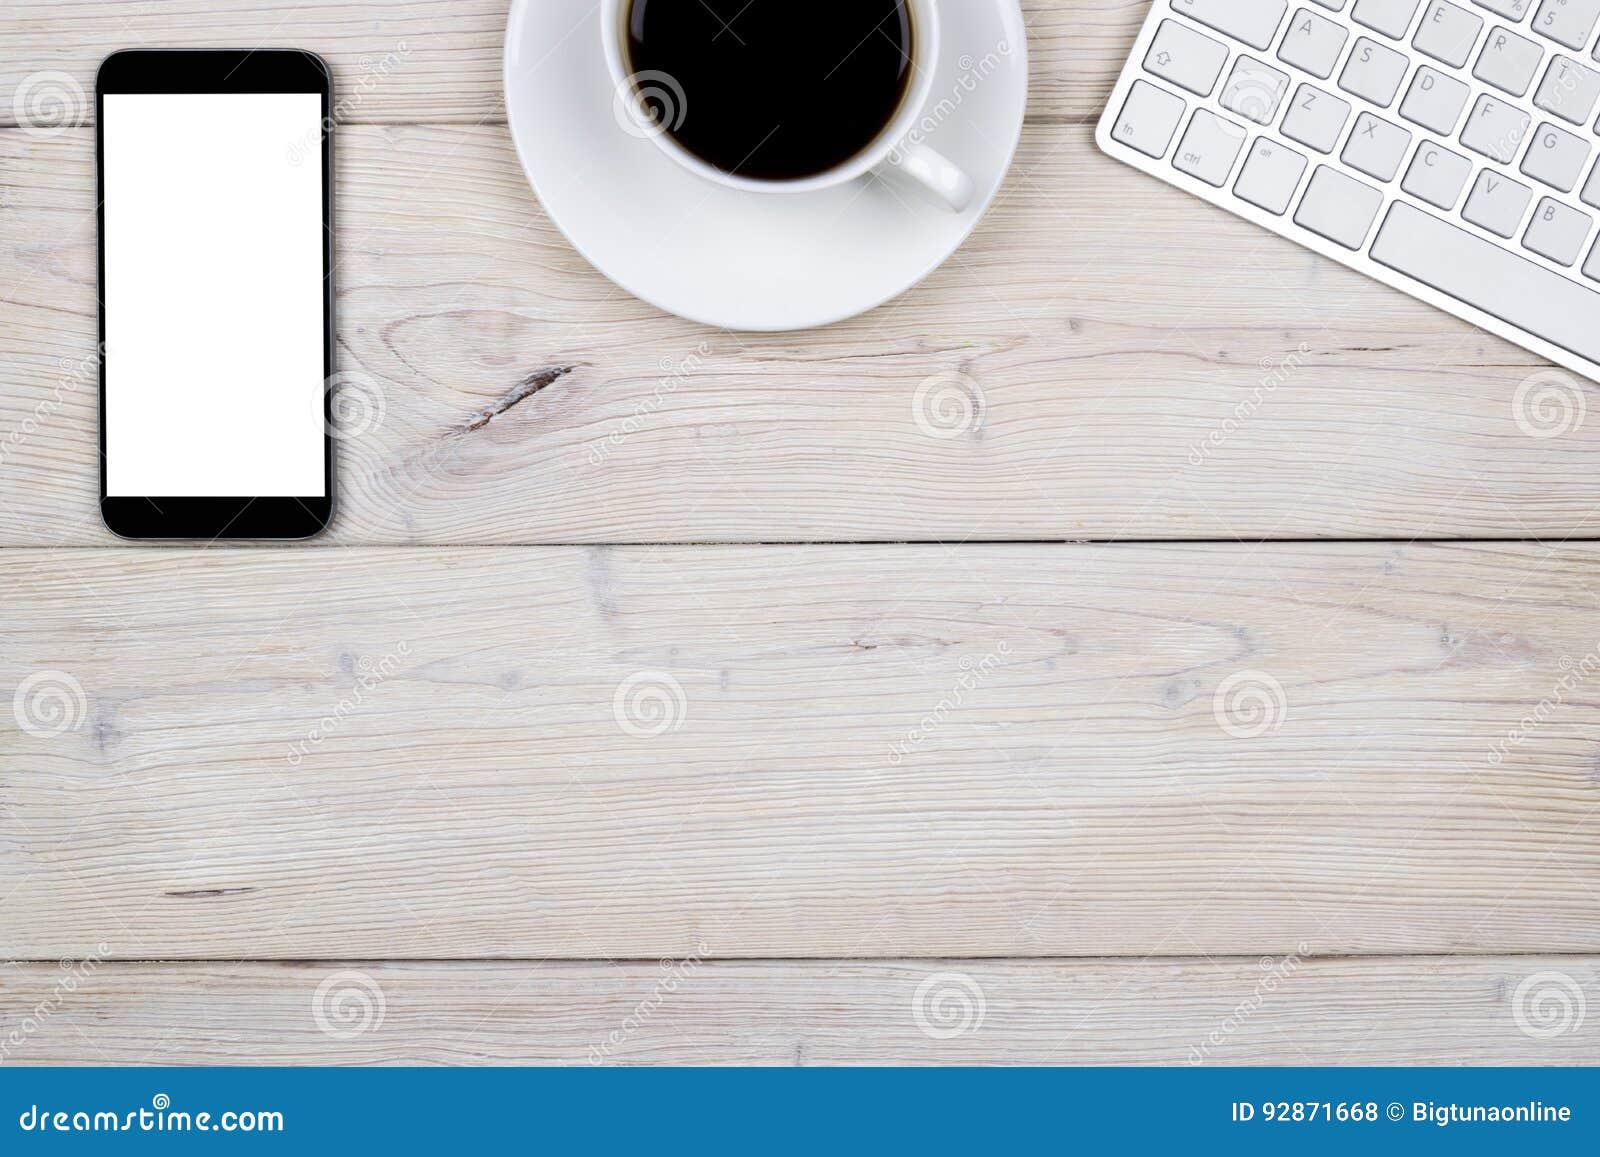 Biurowy biurko z kopii przestrzenią Cyfrowych przyrząda klawiatury, myszy i pastylki bezprzewodowy, komputer z pustym ekranem na